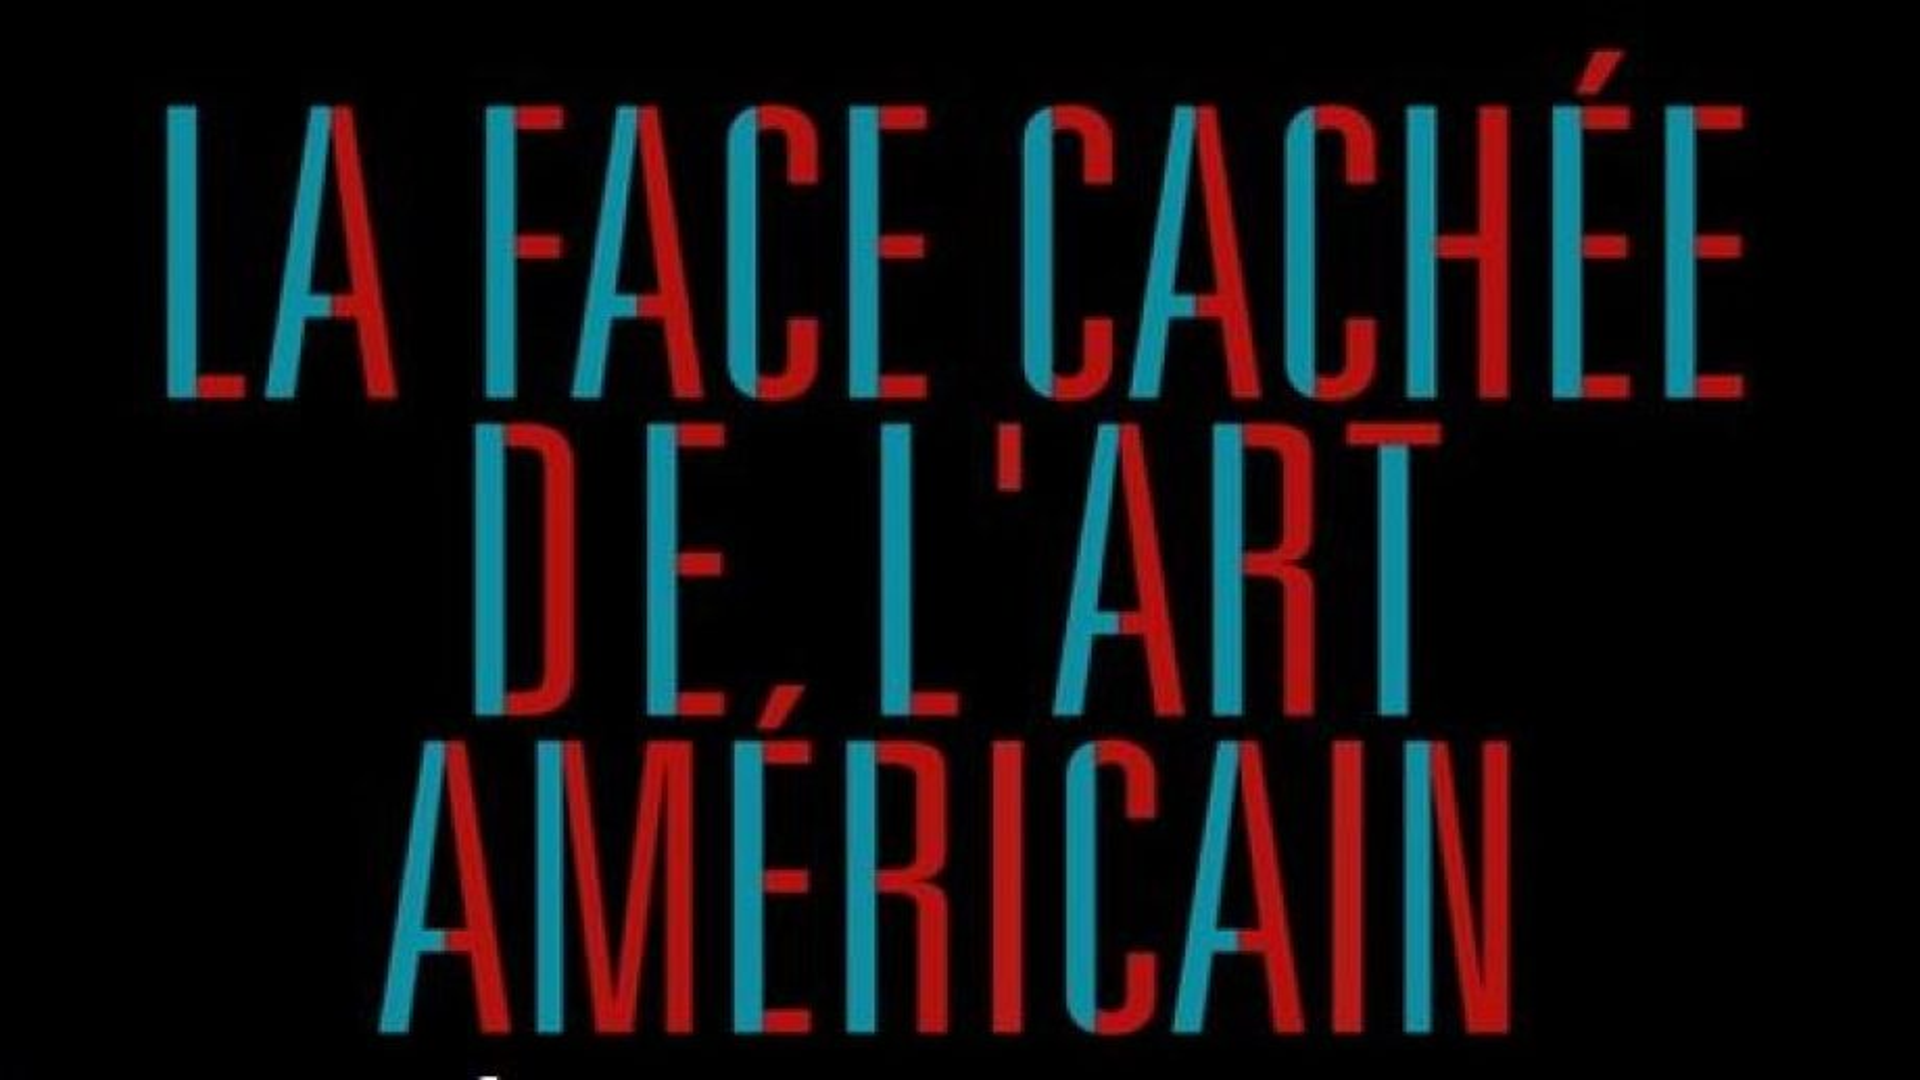 L'expressionisme abstrait, ambassadeur de l'Amérique triomphante